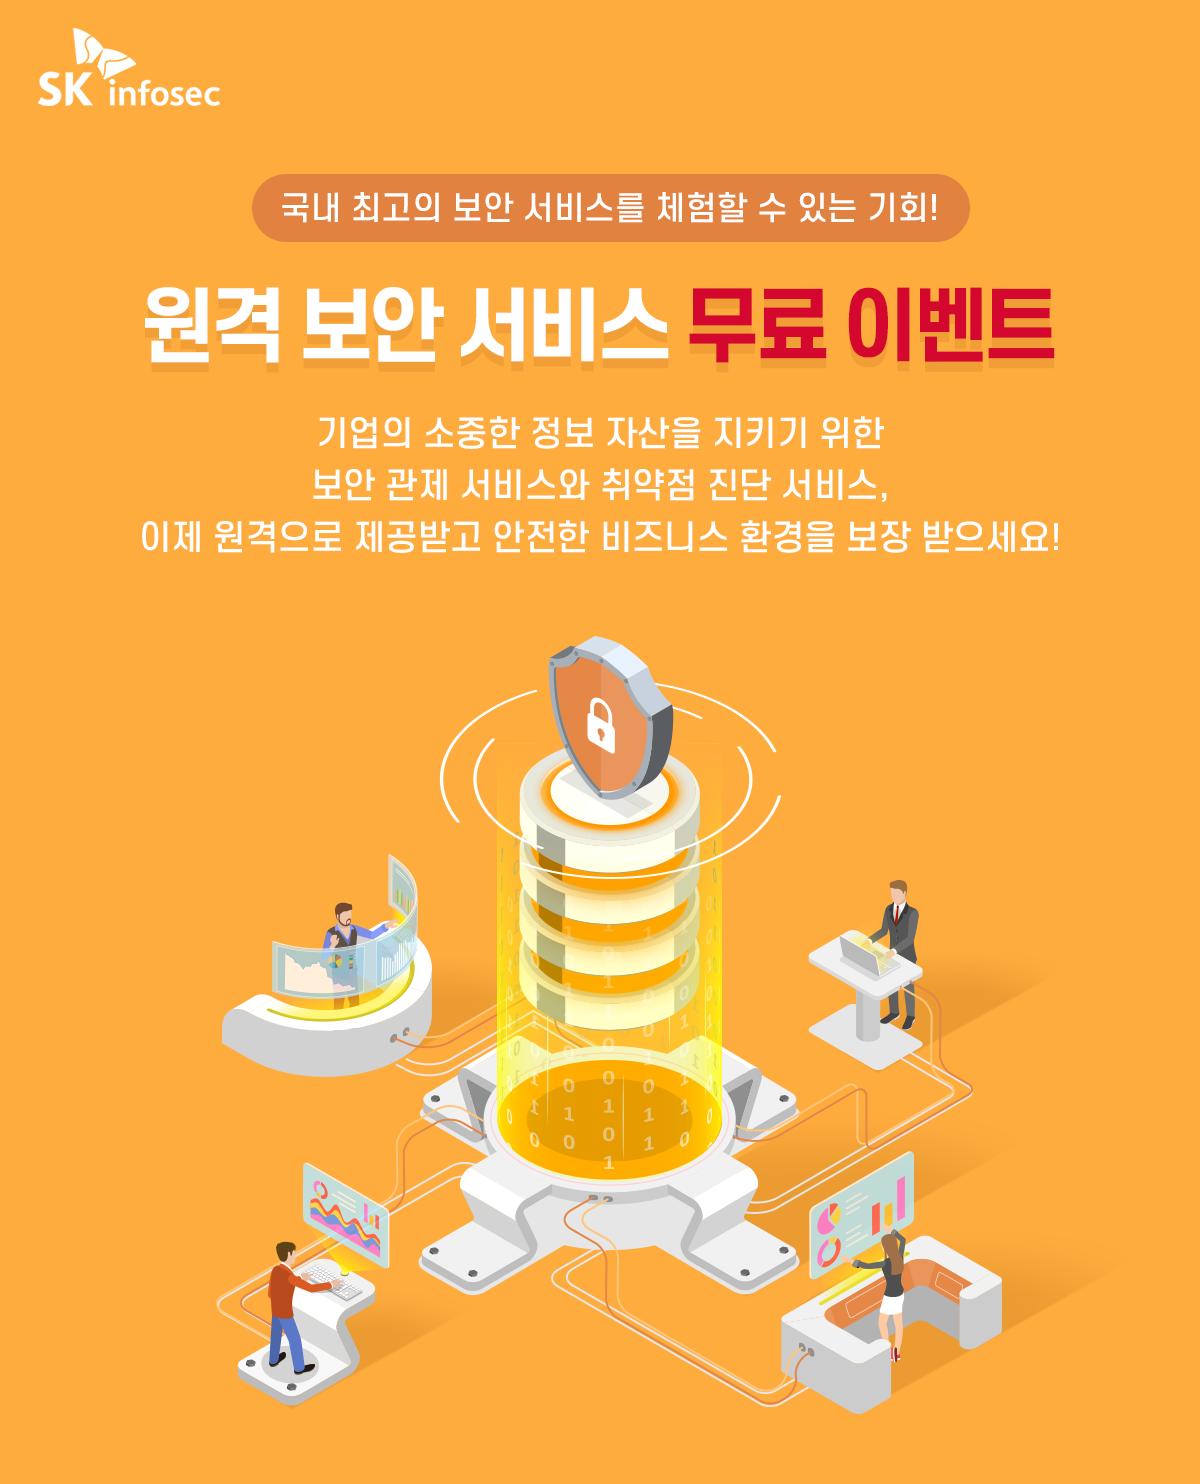 원격 보안 서비스 무료 이벤트_배너